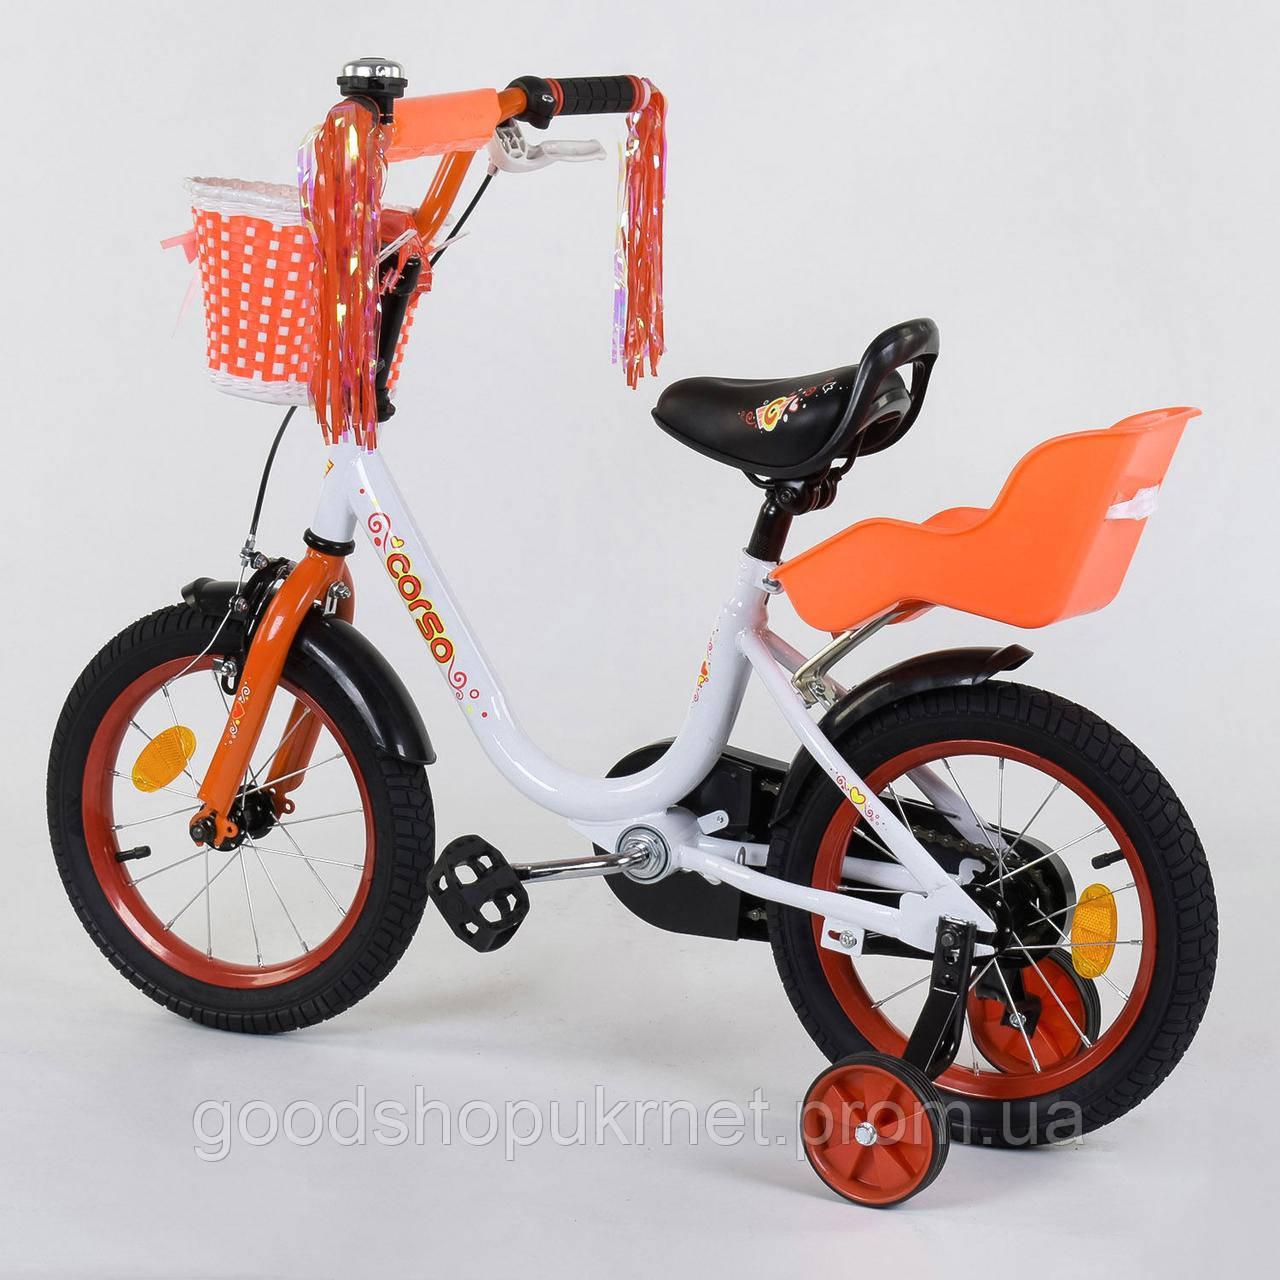 """Велосипед 14"""" дюймов 2-х колёсный 1408 """"CORSO"""" (1) новый ручной тормоз, звоночек, сидение с ручкой,"""